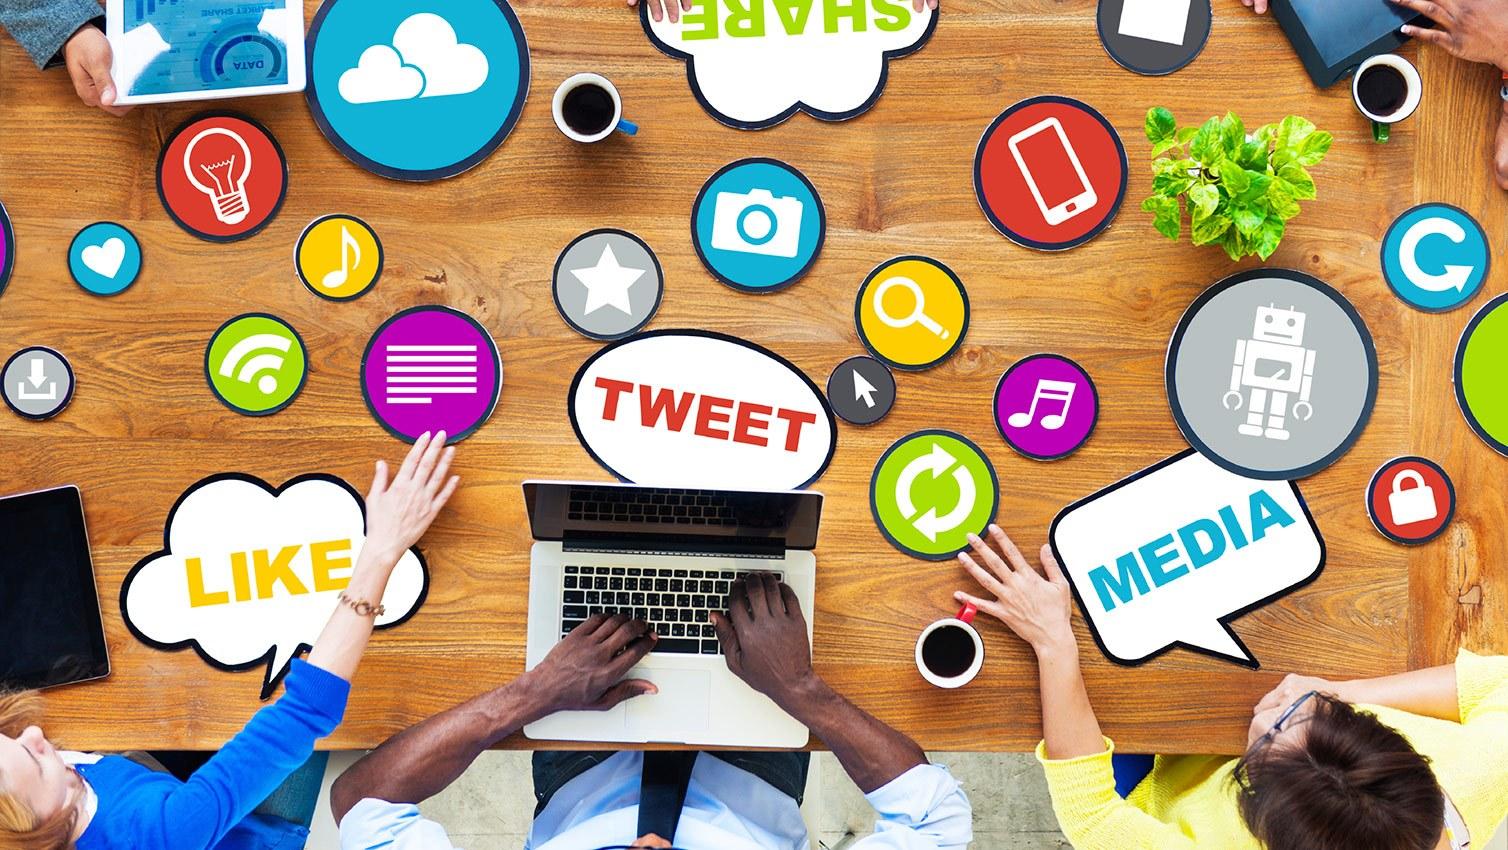 SocialMedia Savvy.jpg